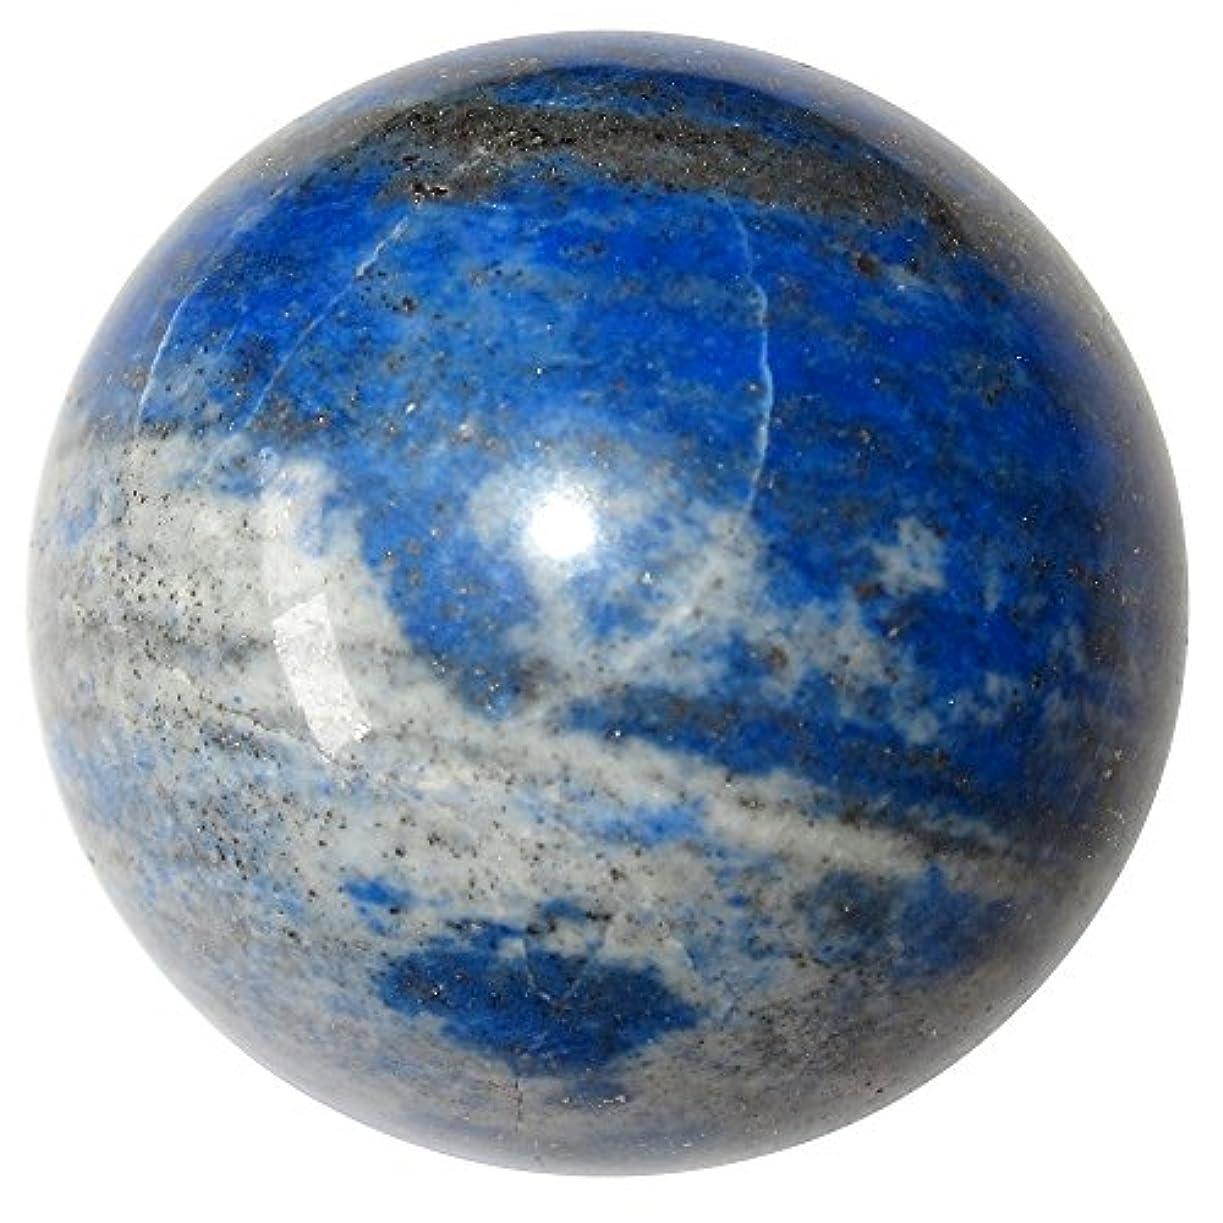 分なぜ差別するサテンクリスタルLapisボールプレミアムブルーLazuli Third Eye Chakra直感的なHealing Precious Stone球p03 1.6 Inches ブルー lapisball03-afghanearth...